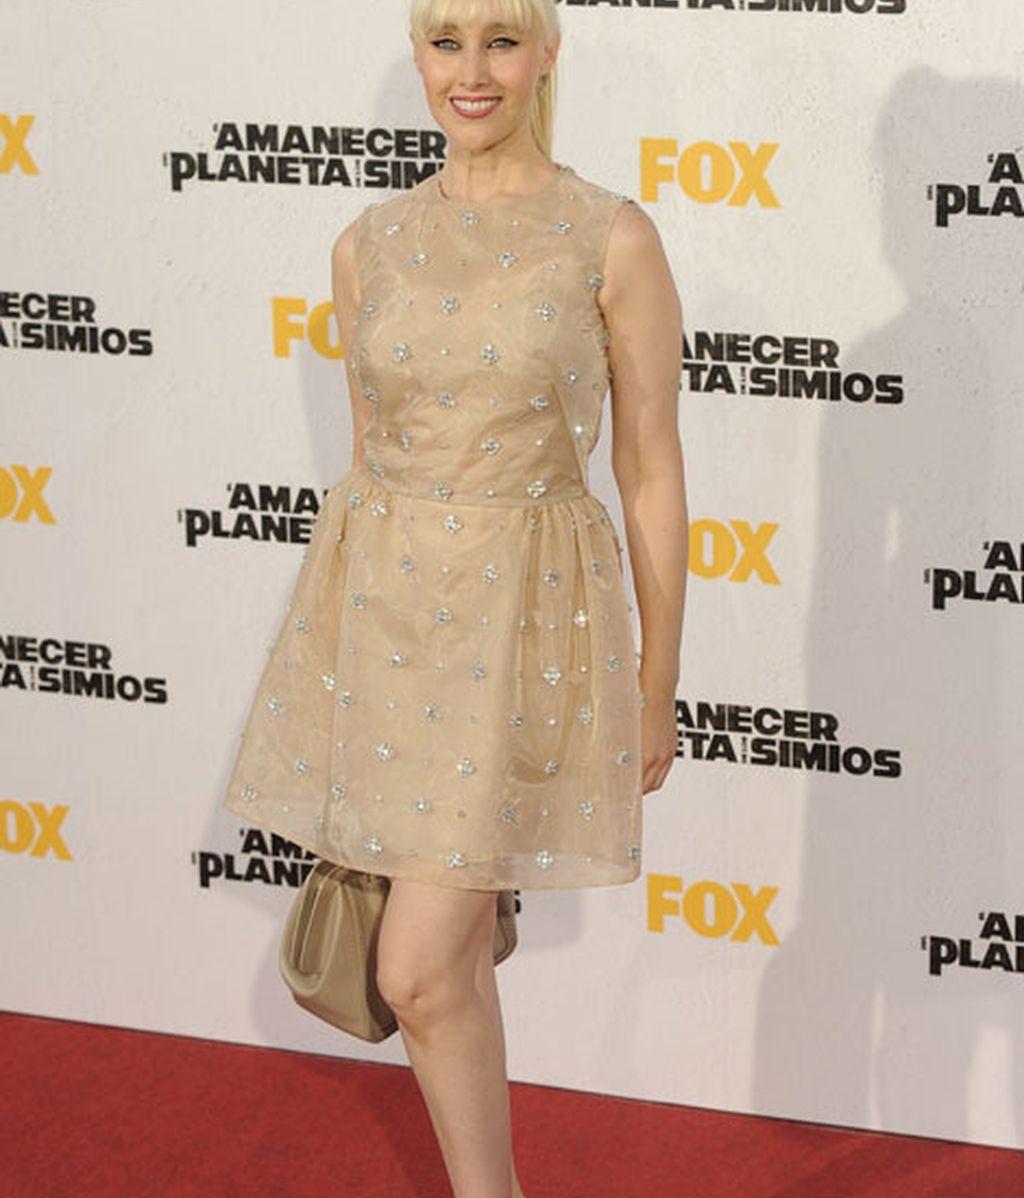 La cantante Geraldine Larrosa con vestido dorado y zapatos en 'nude'